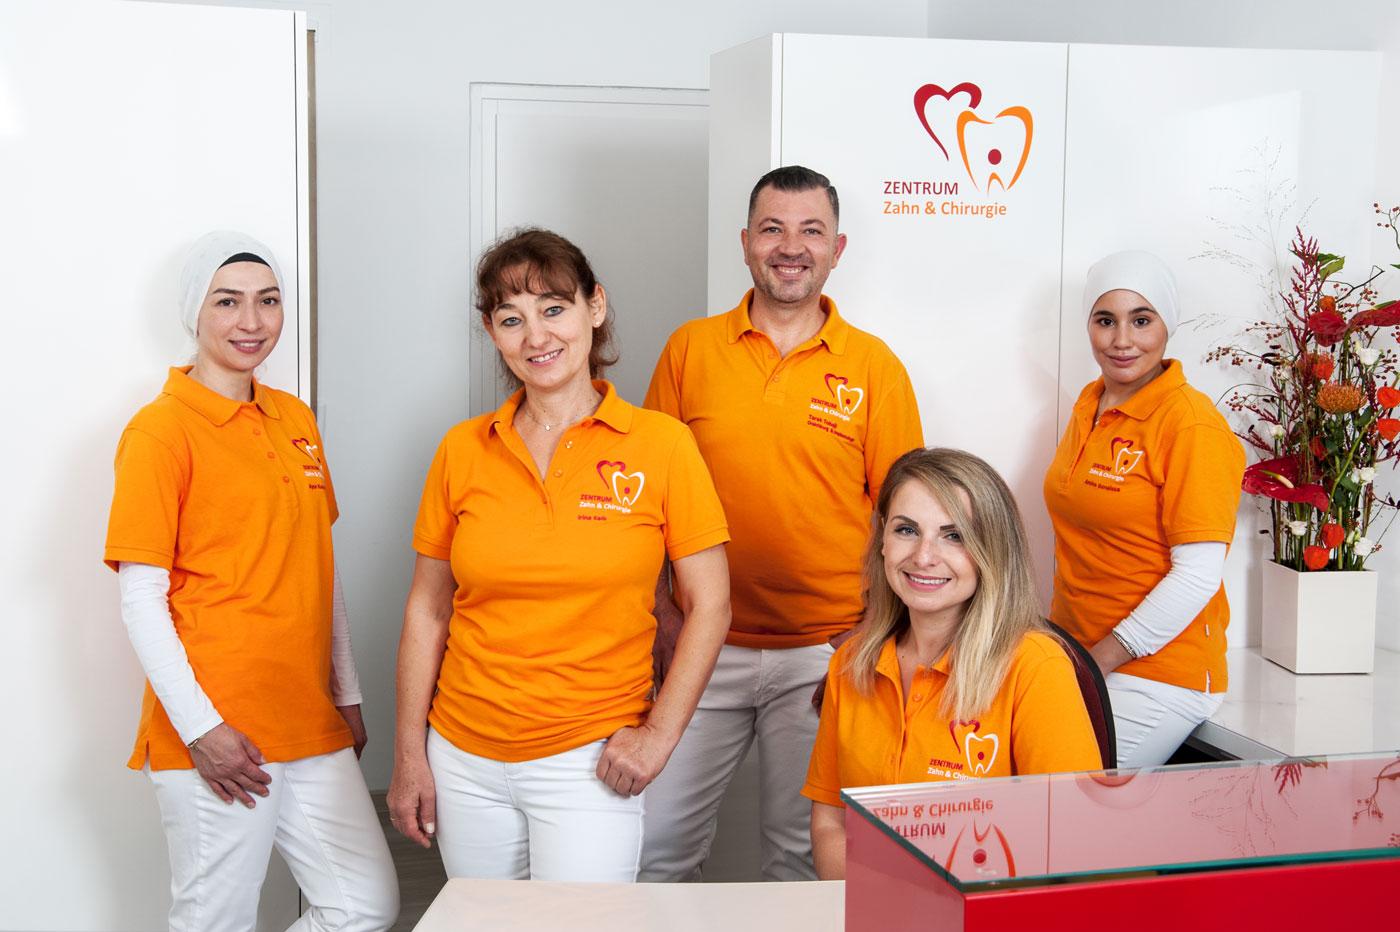 Foto zur Seite: Datenschutzerklärung – Zentrum für Zahn & Chirurgie in Langen